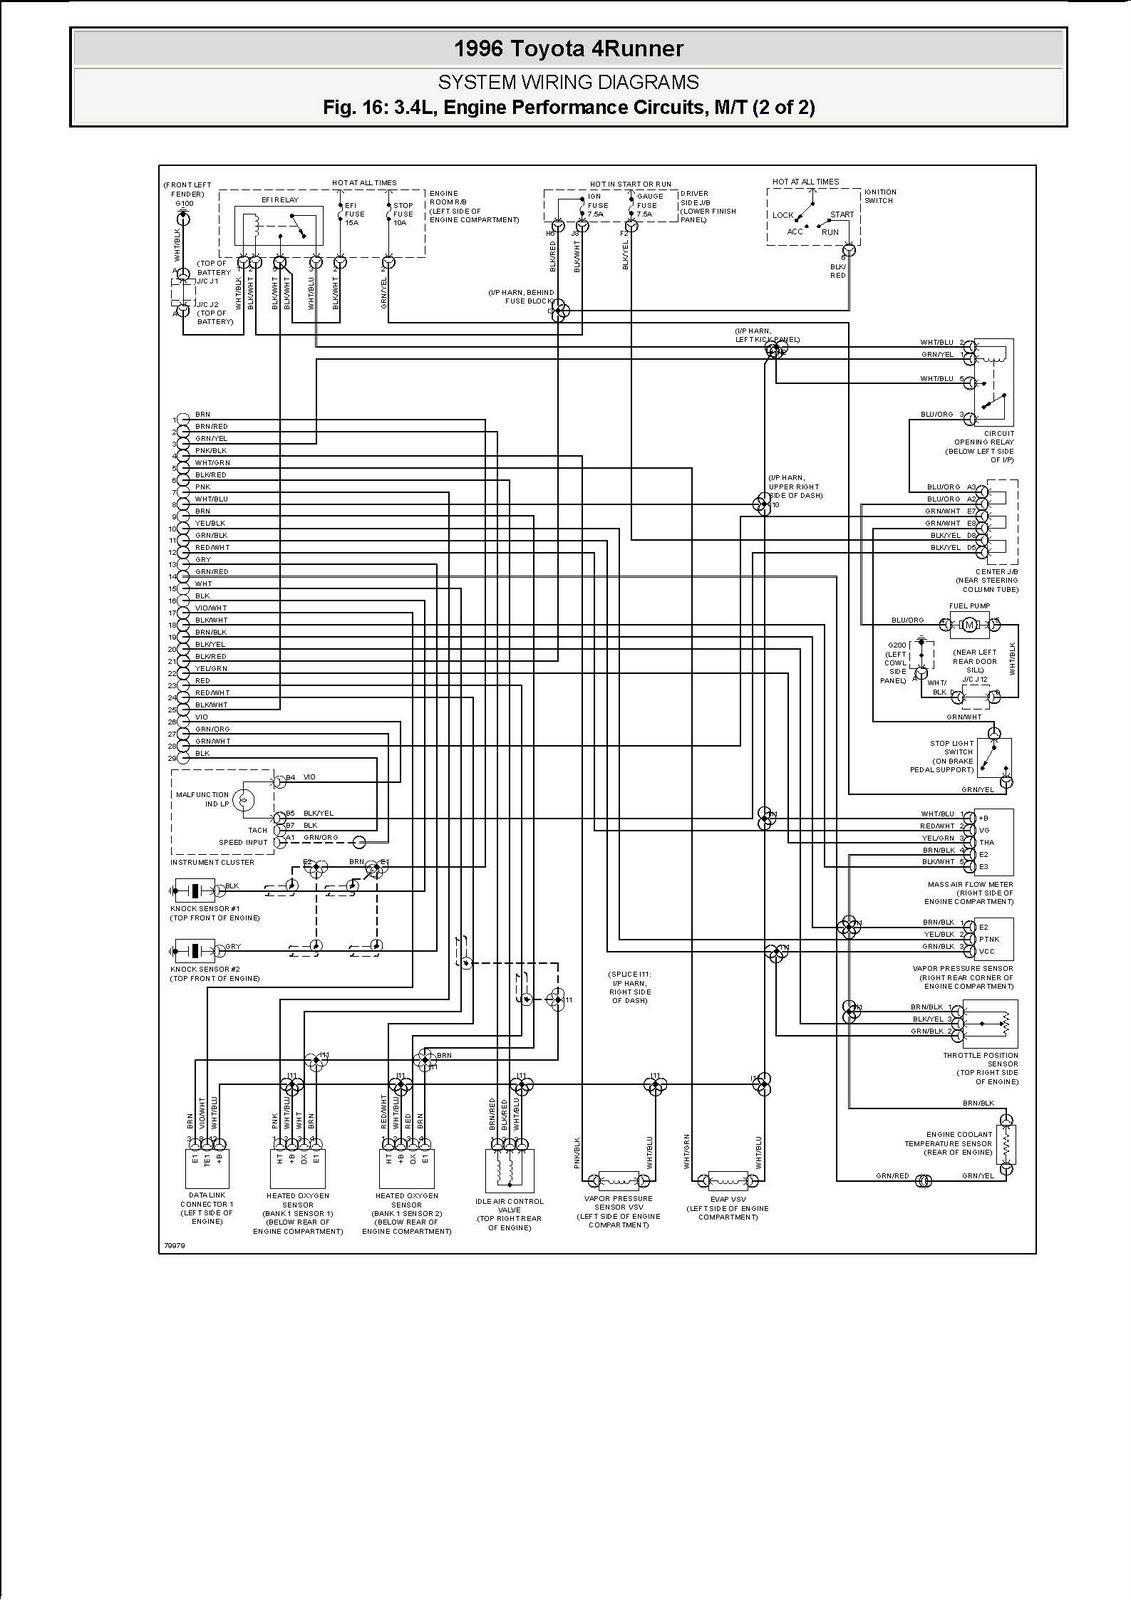 mitsubishi 30 v6 engine diagram mitsubishi diamante engine